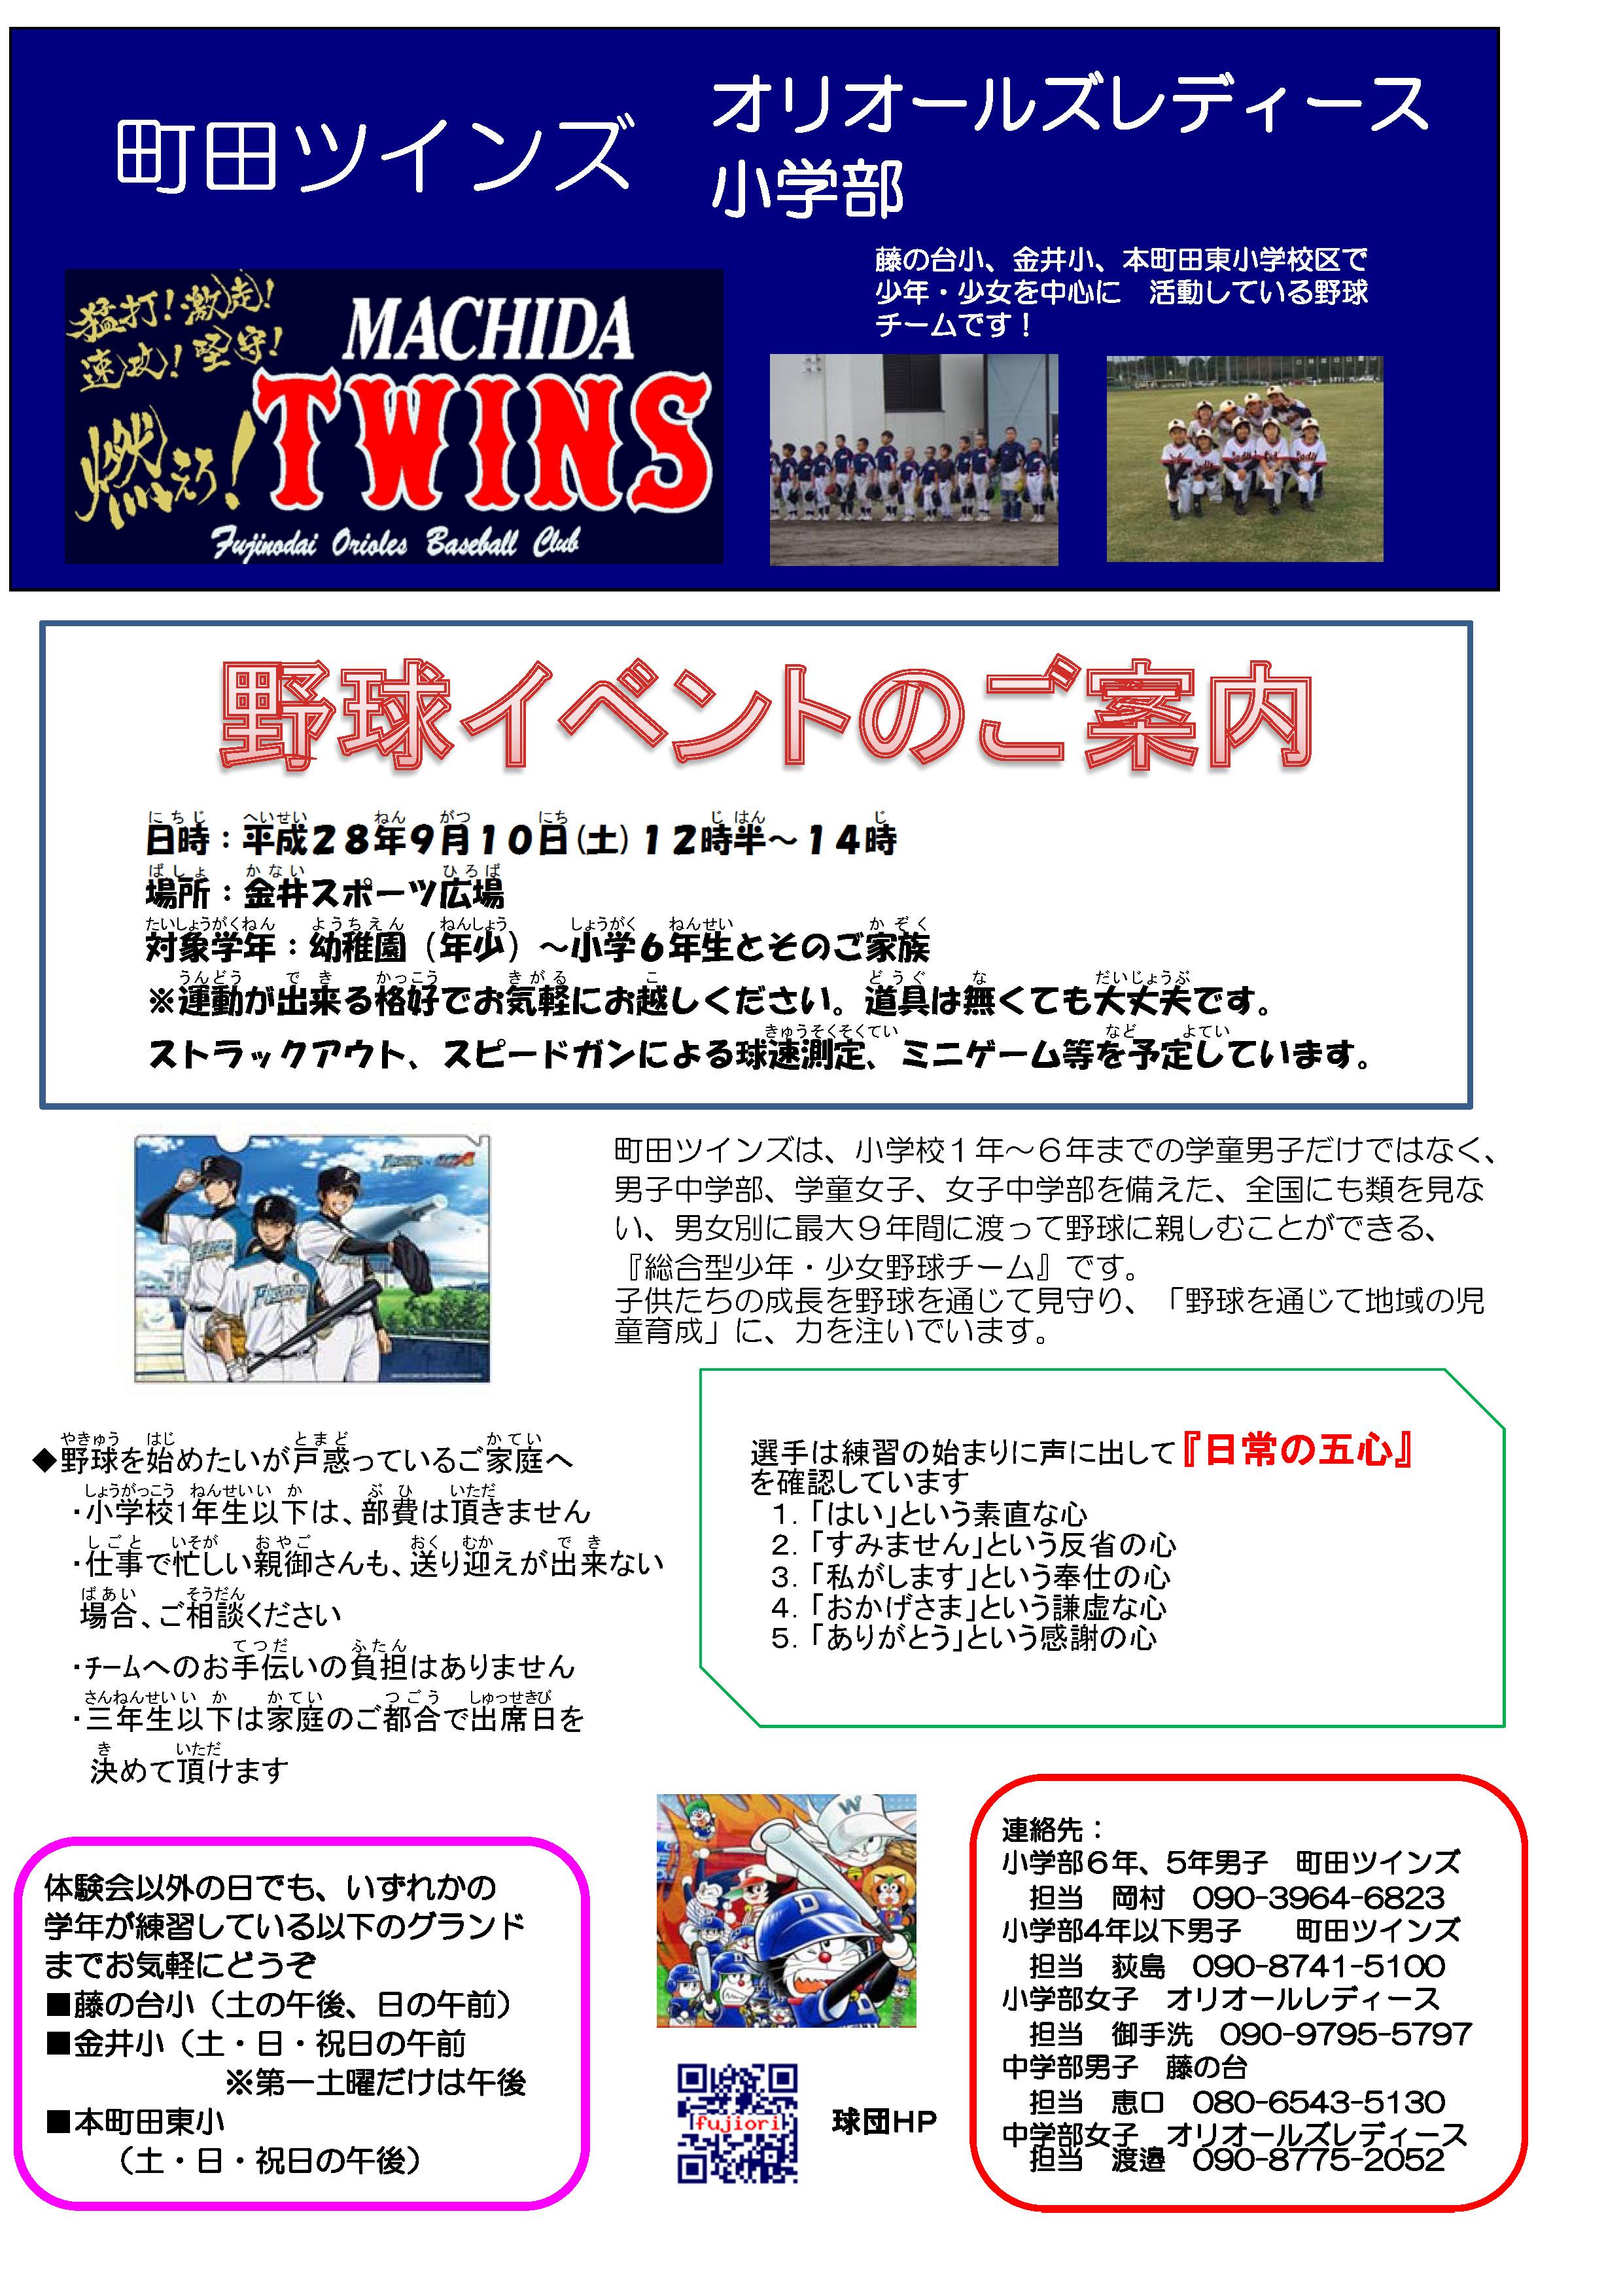 野球イベント案内 2016年9月